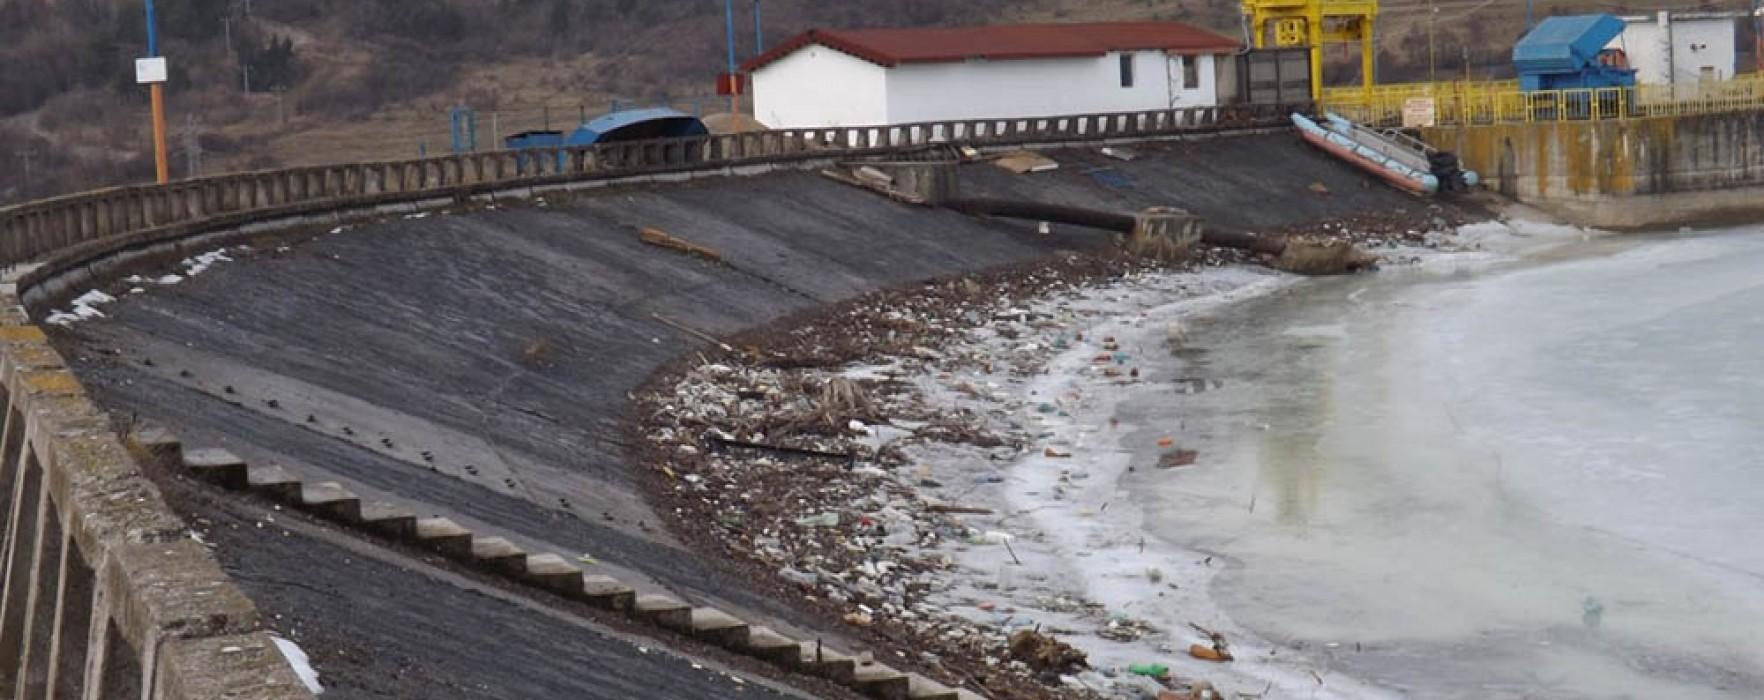 Compania de Apă Dâmboviţa: Poluare masivă a apelor de suprafaţă care vin în barajul Pucioasa